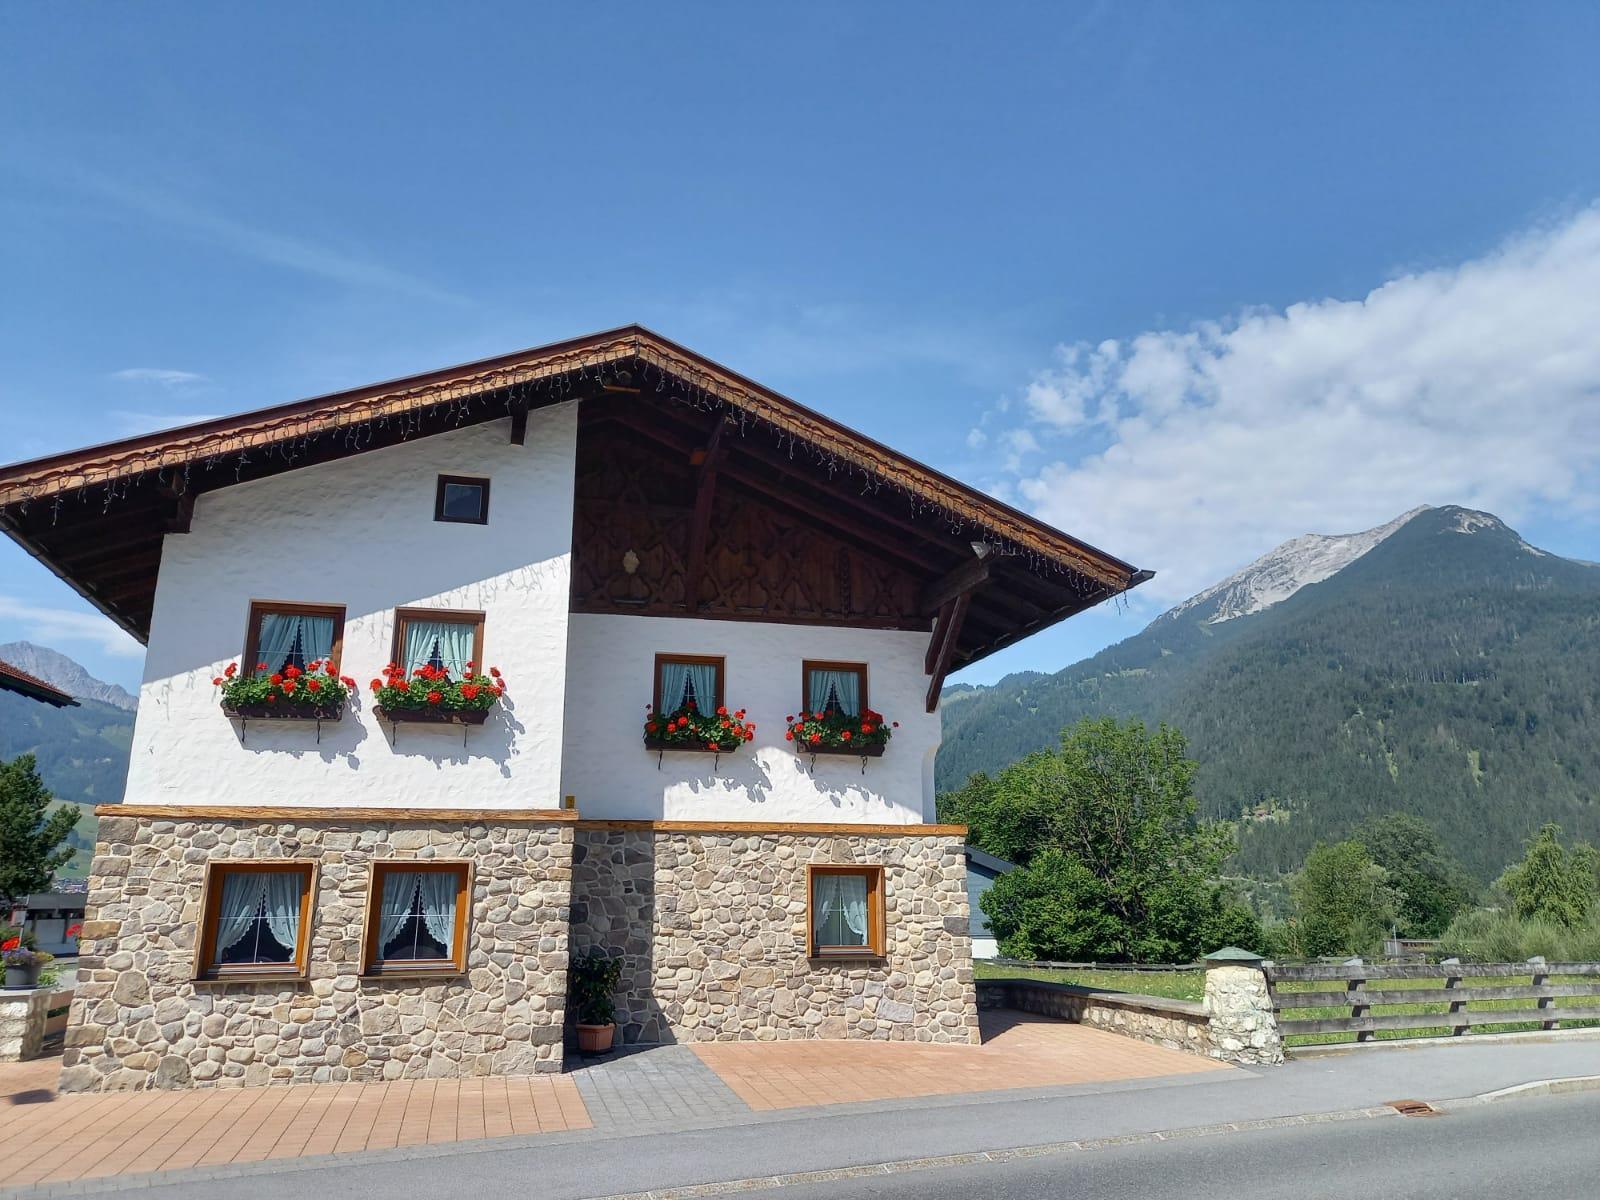 Holzschnitzers Appartements #Willkommen#Bildergalerie#Anfahrt und Schlüsseladresse#Wohneinheiten#Preise#Anfragen#Buchen#Impressum#Sitemap#Links und Infos#Sommer